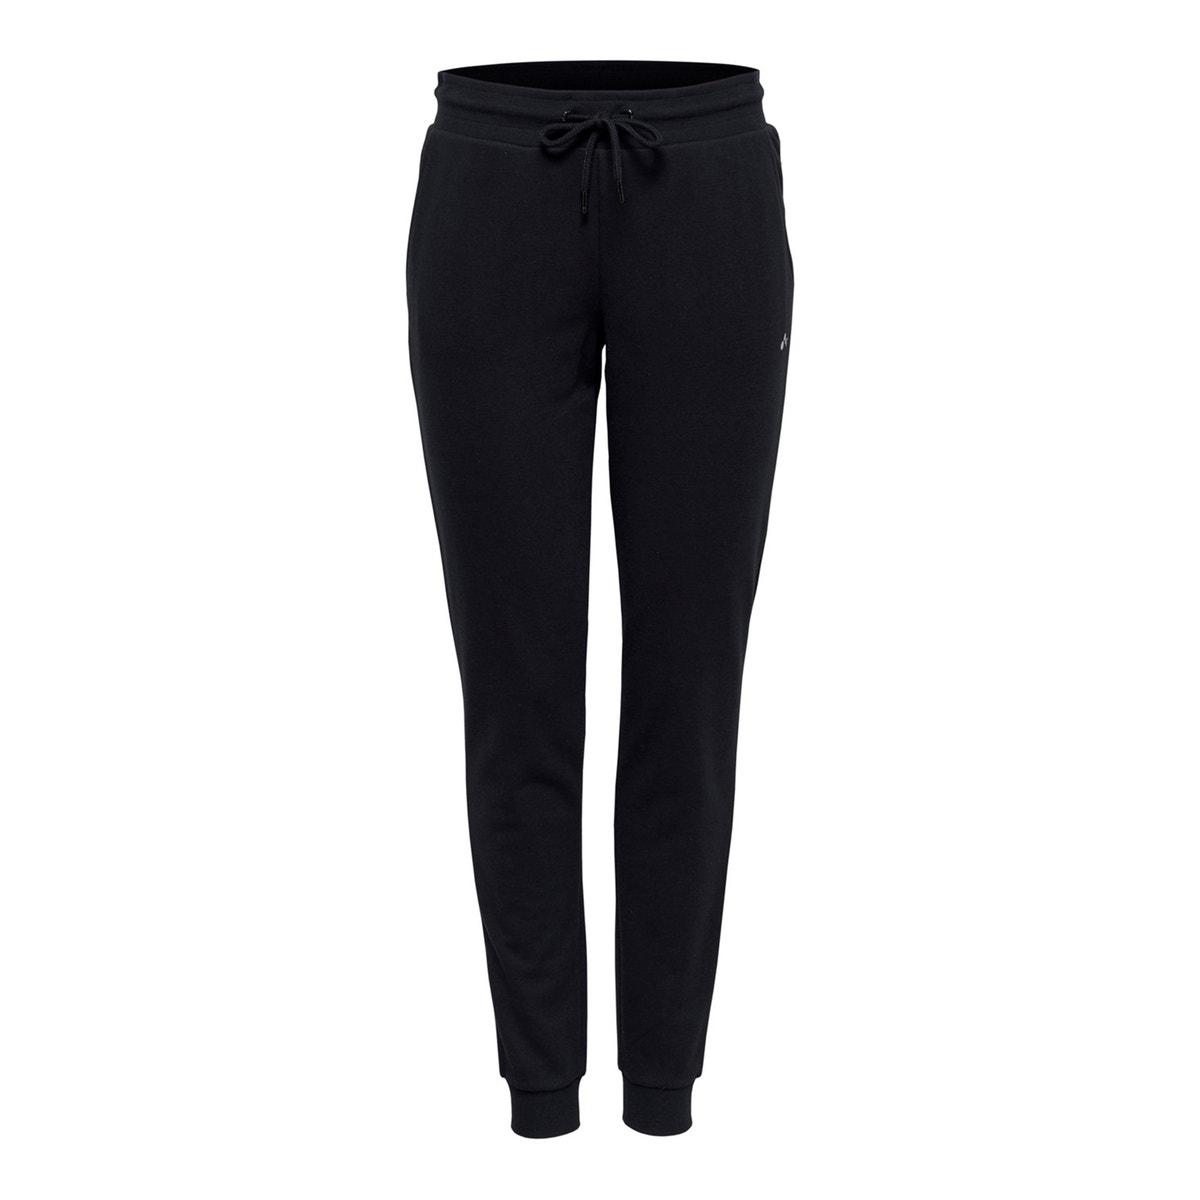 Παντελόνι φόρμας, Elina γυναικα   παντελόνια   φόρμες